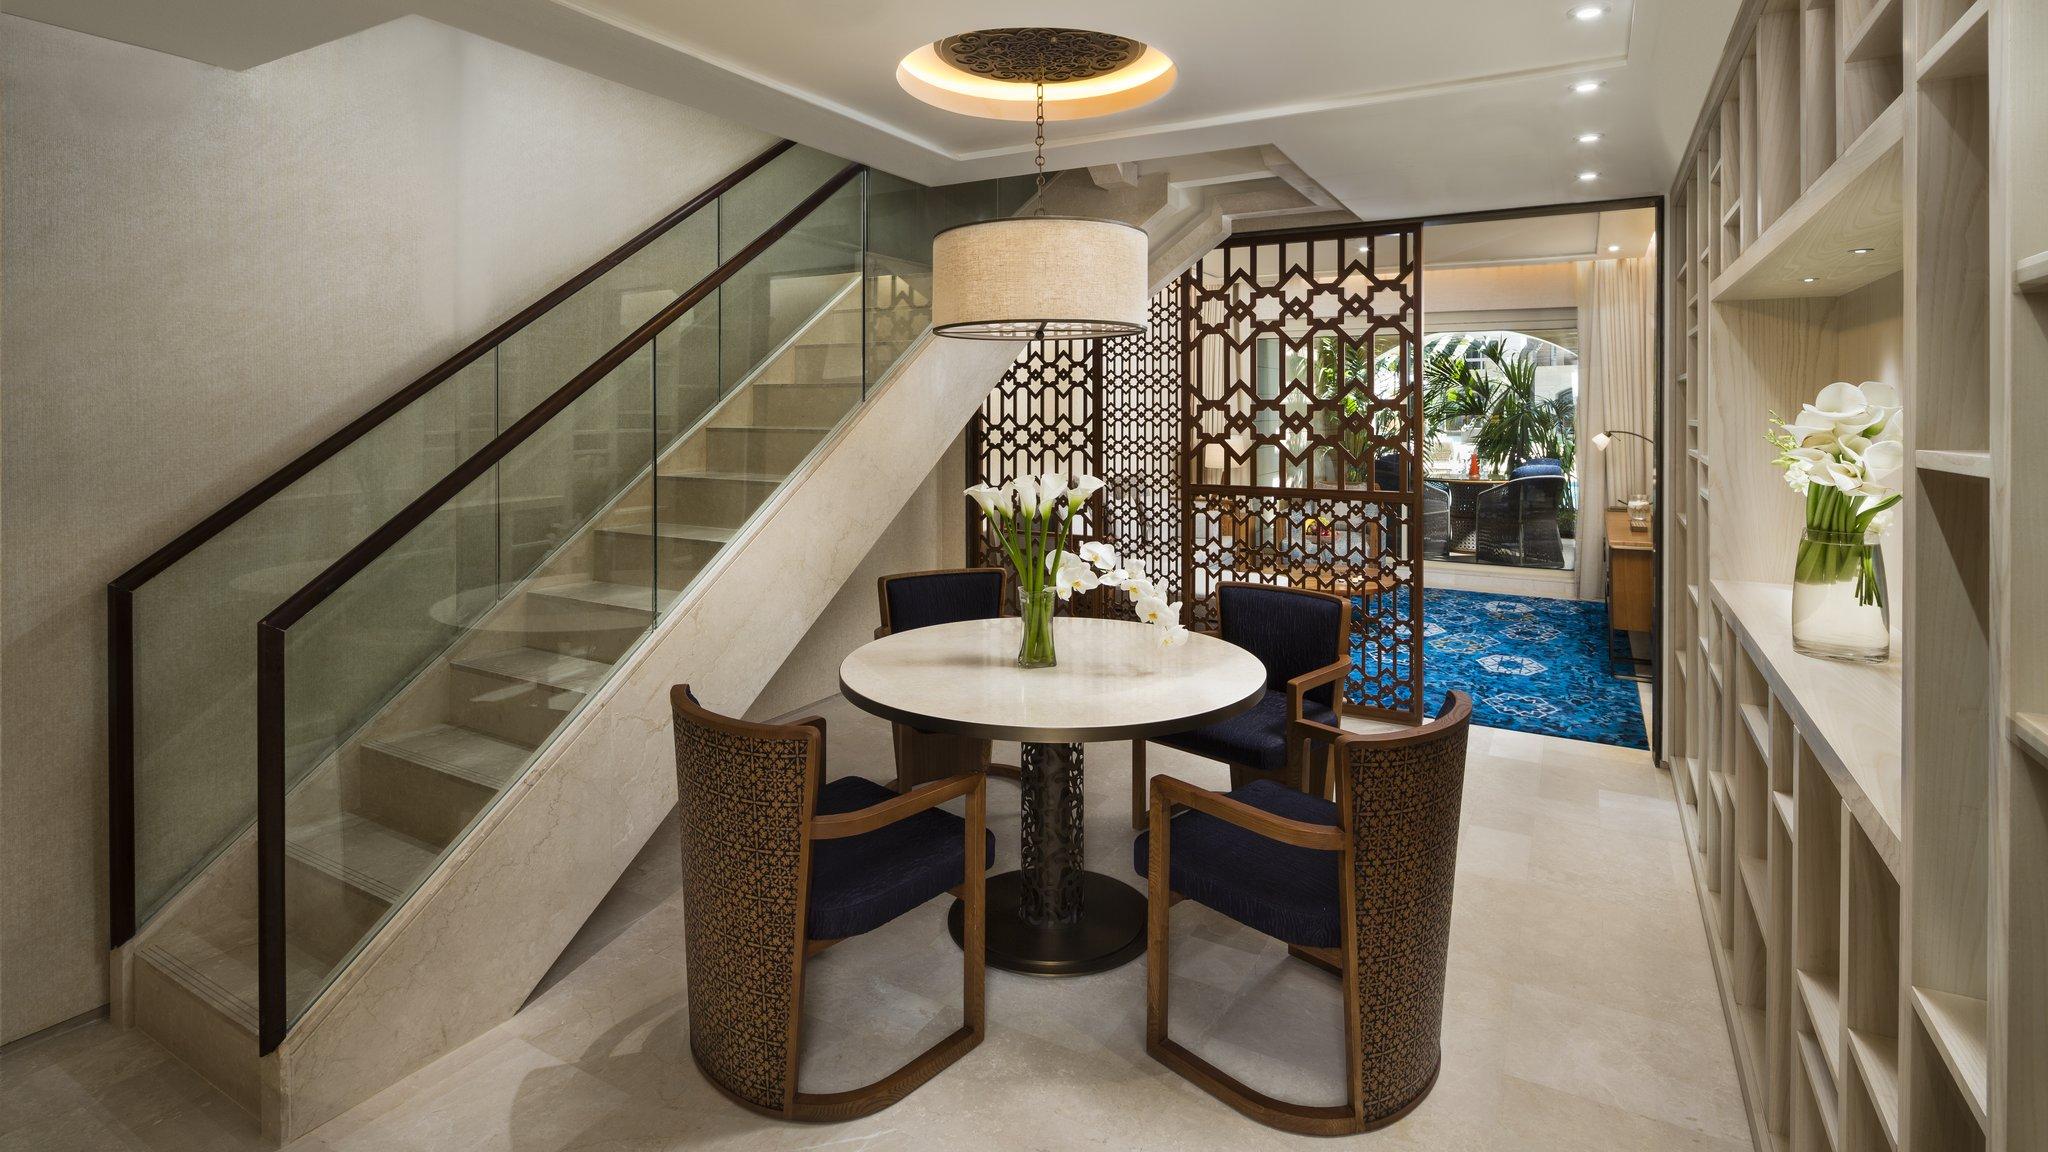 هتل کمپینسکی سامرلند و ریزورت بیروت